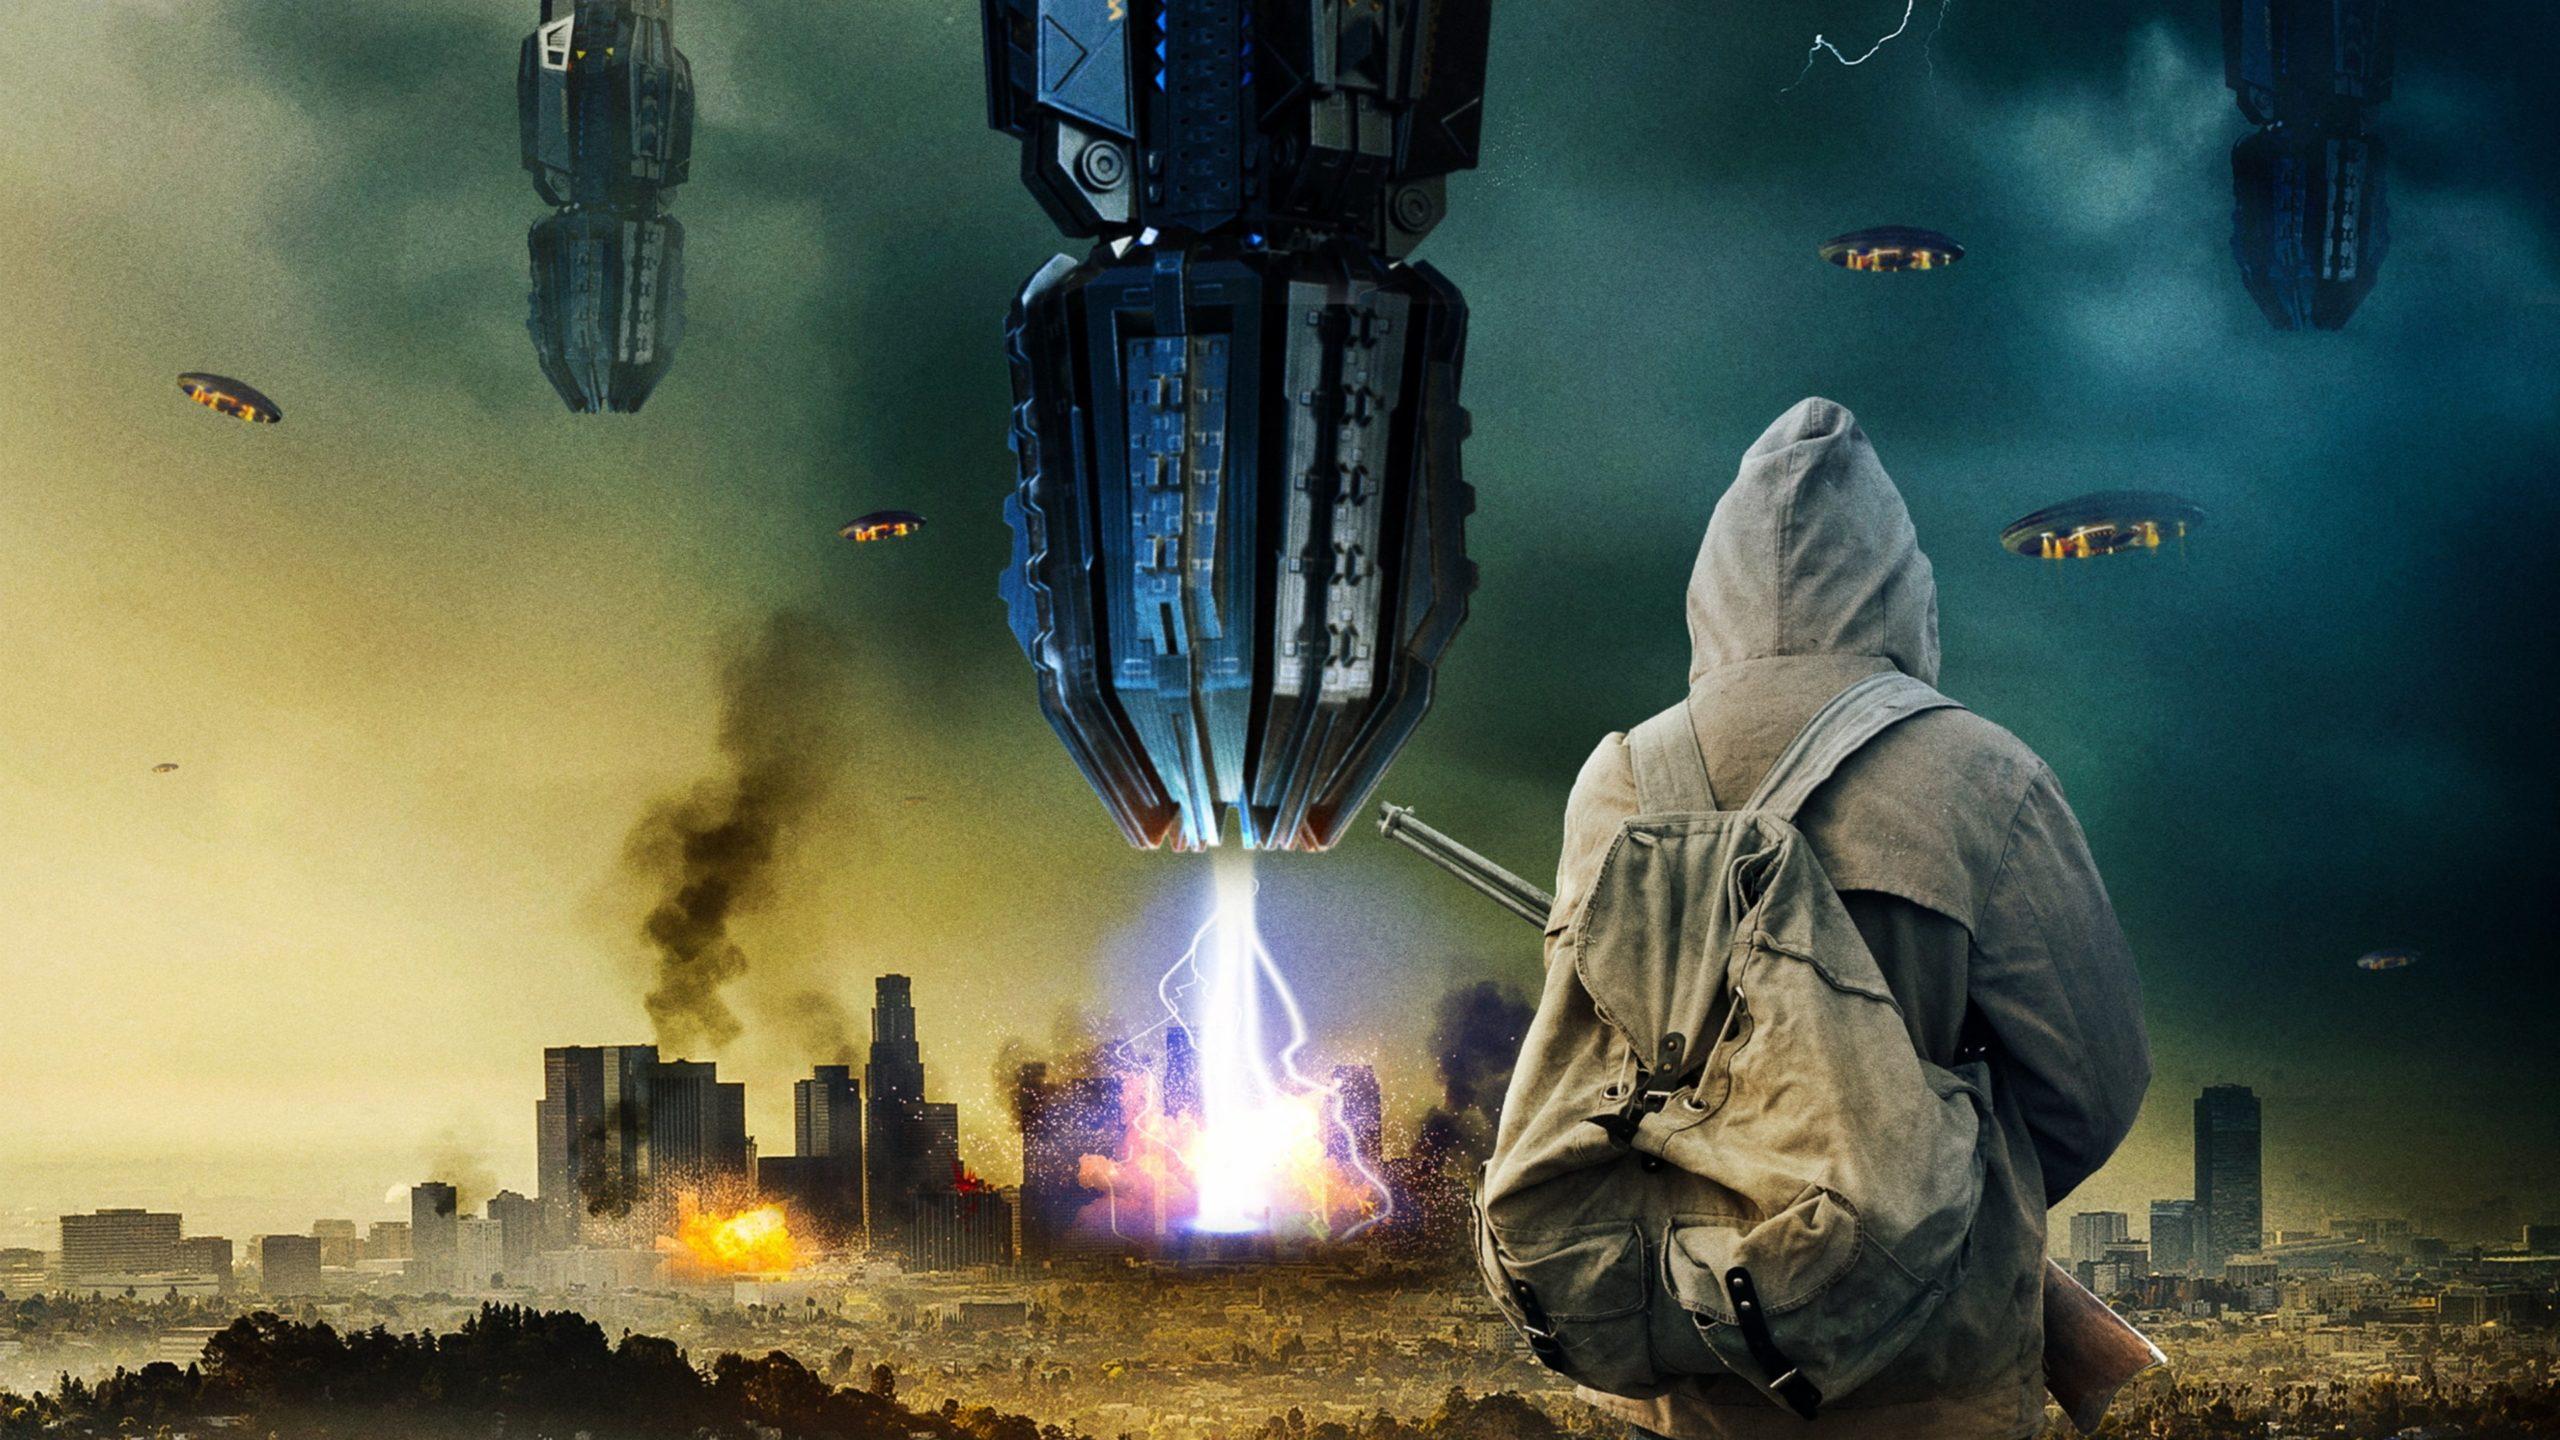 Regarder Battlefield 2025 en streaming gratuit